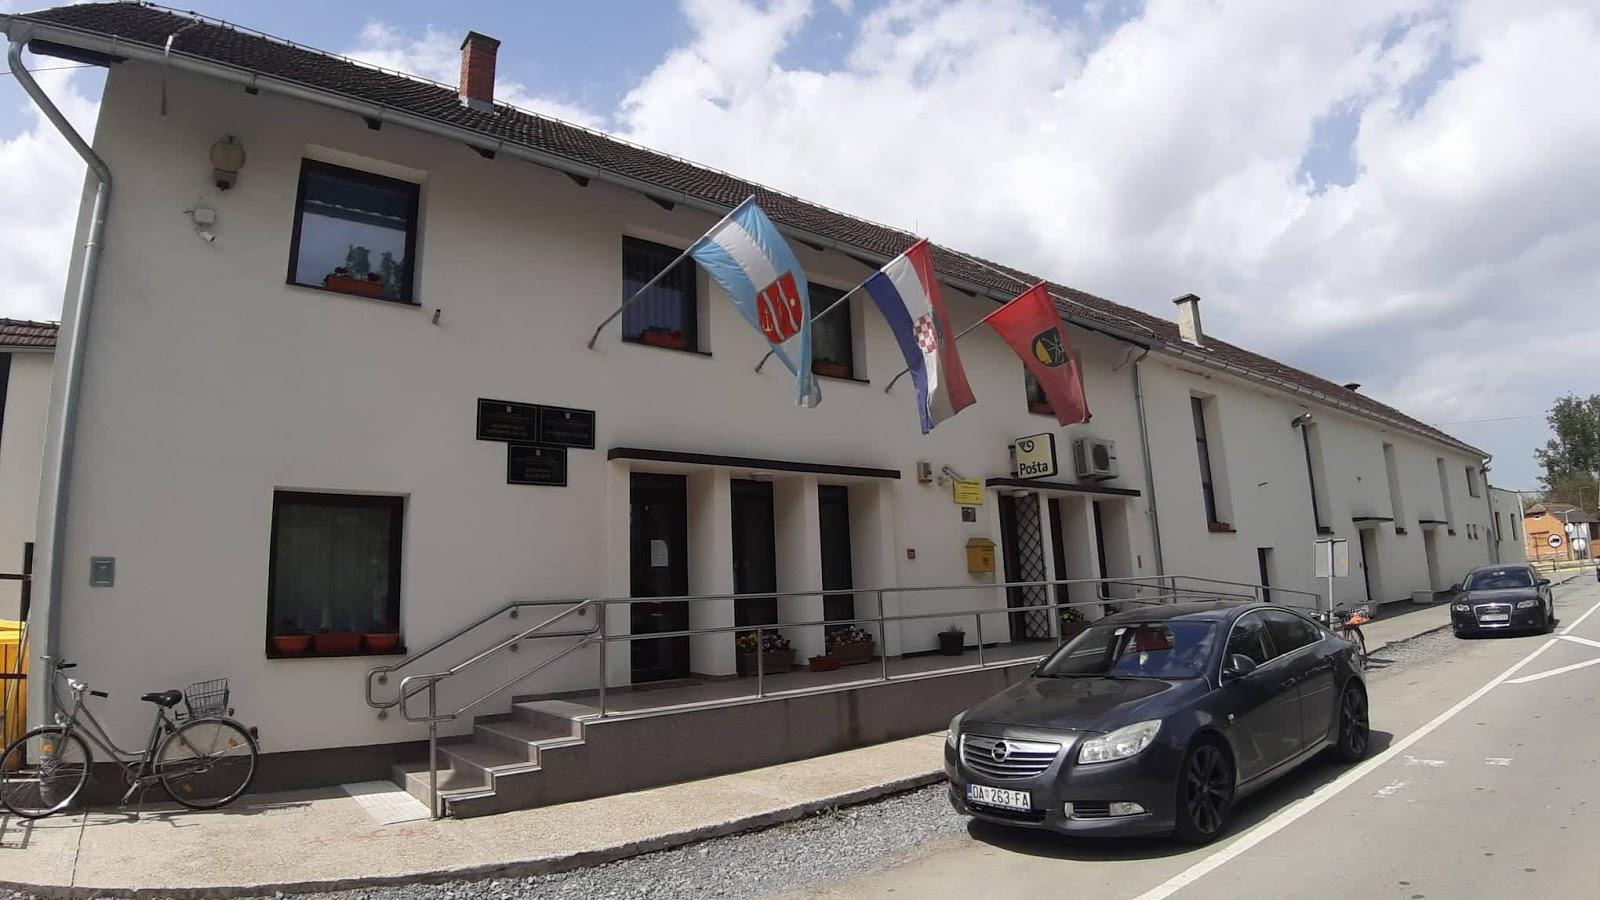 Općina Čađavica prijavila izgradnju društvenog doma u naselju Vraneševci